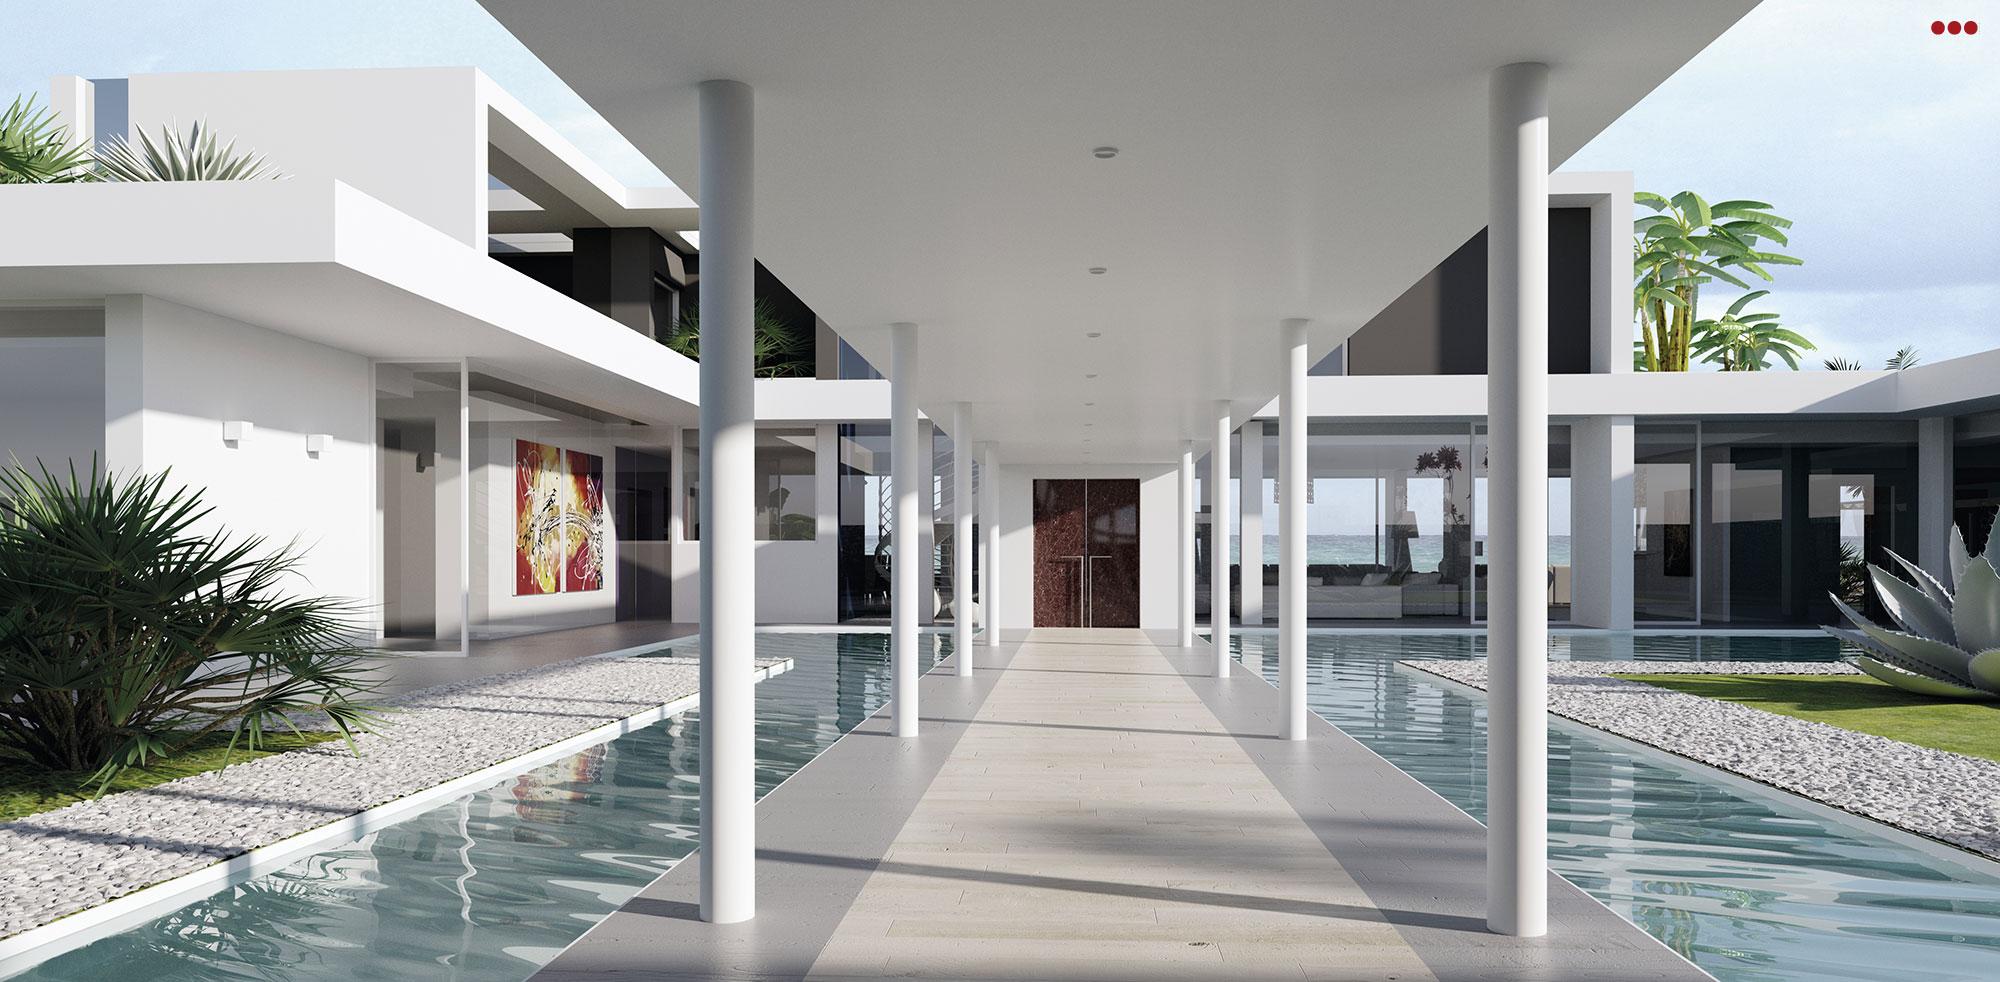 3D Studio Bartolini Villa Pemba progettazione rendering architettura grafica 3